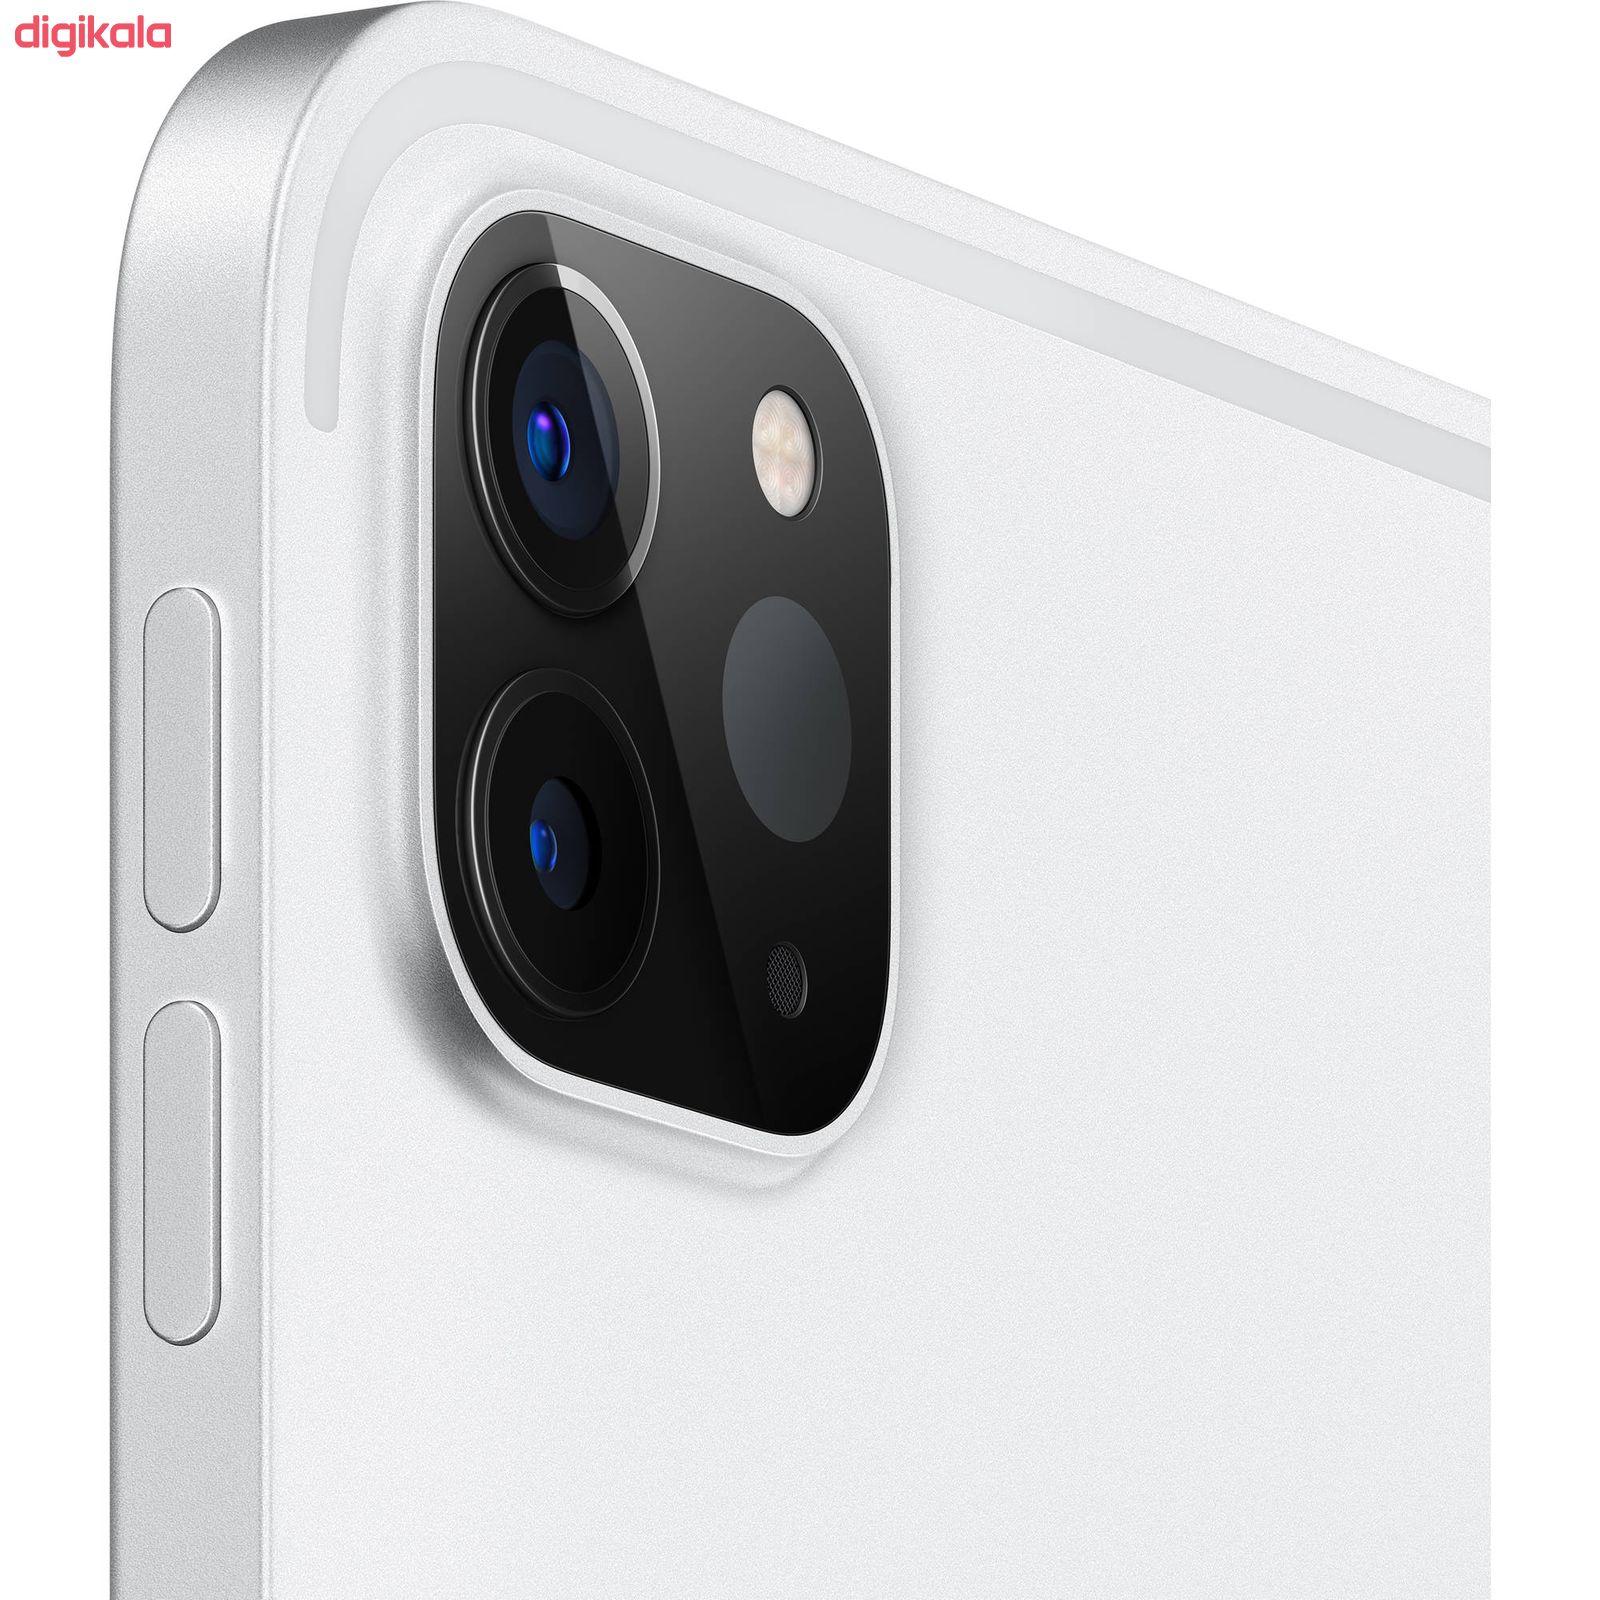 تبلت اپل مدل iPad Pro 11 inch 2020 WiFi ظرفیت 128 گیگابایت  main 1 10